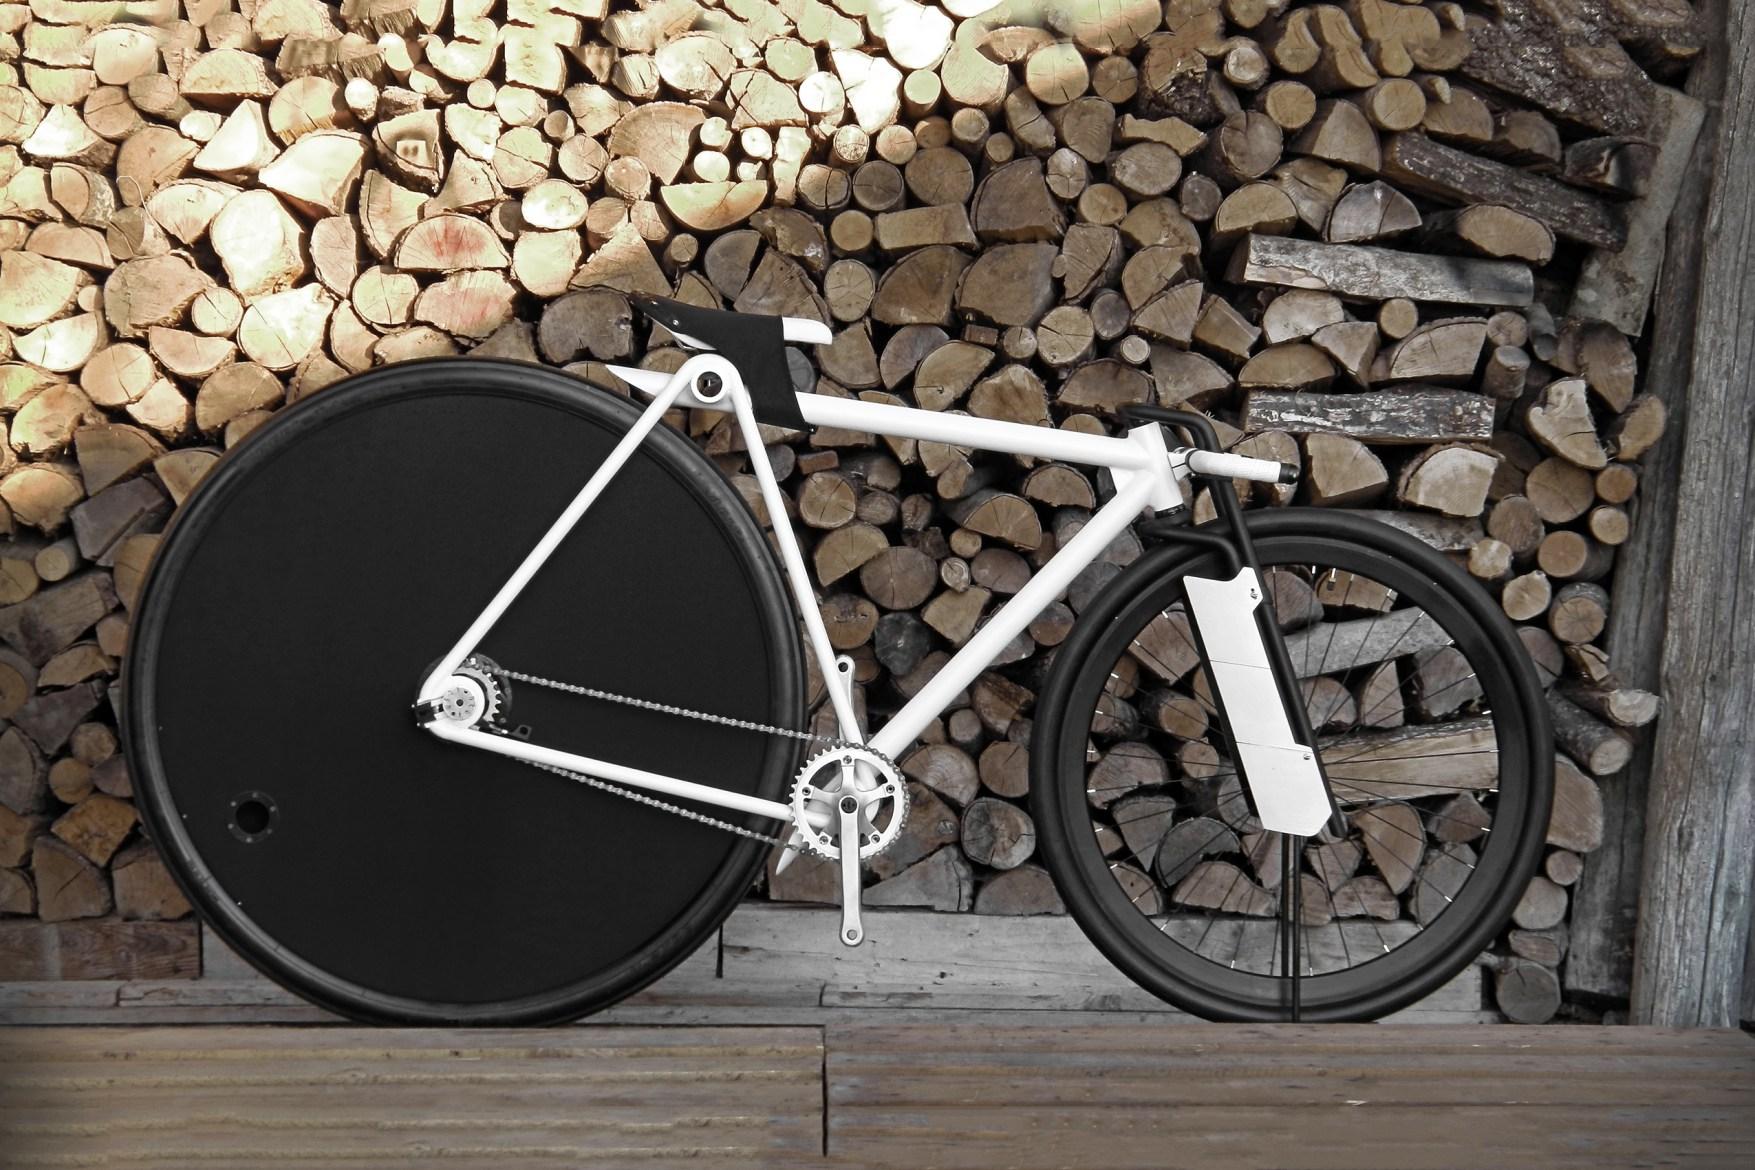 new-bicycle-prototype-challenges-wheel-ratio-ergonomic-design-1